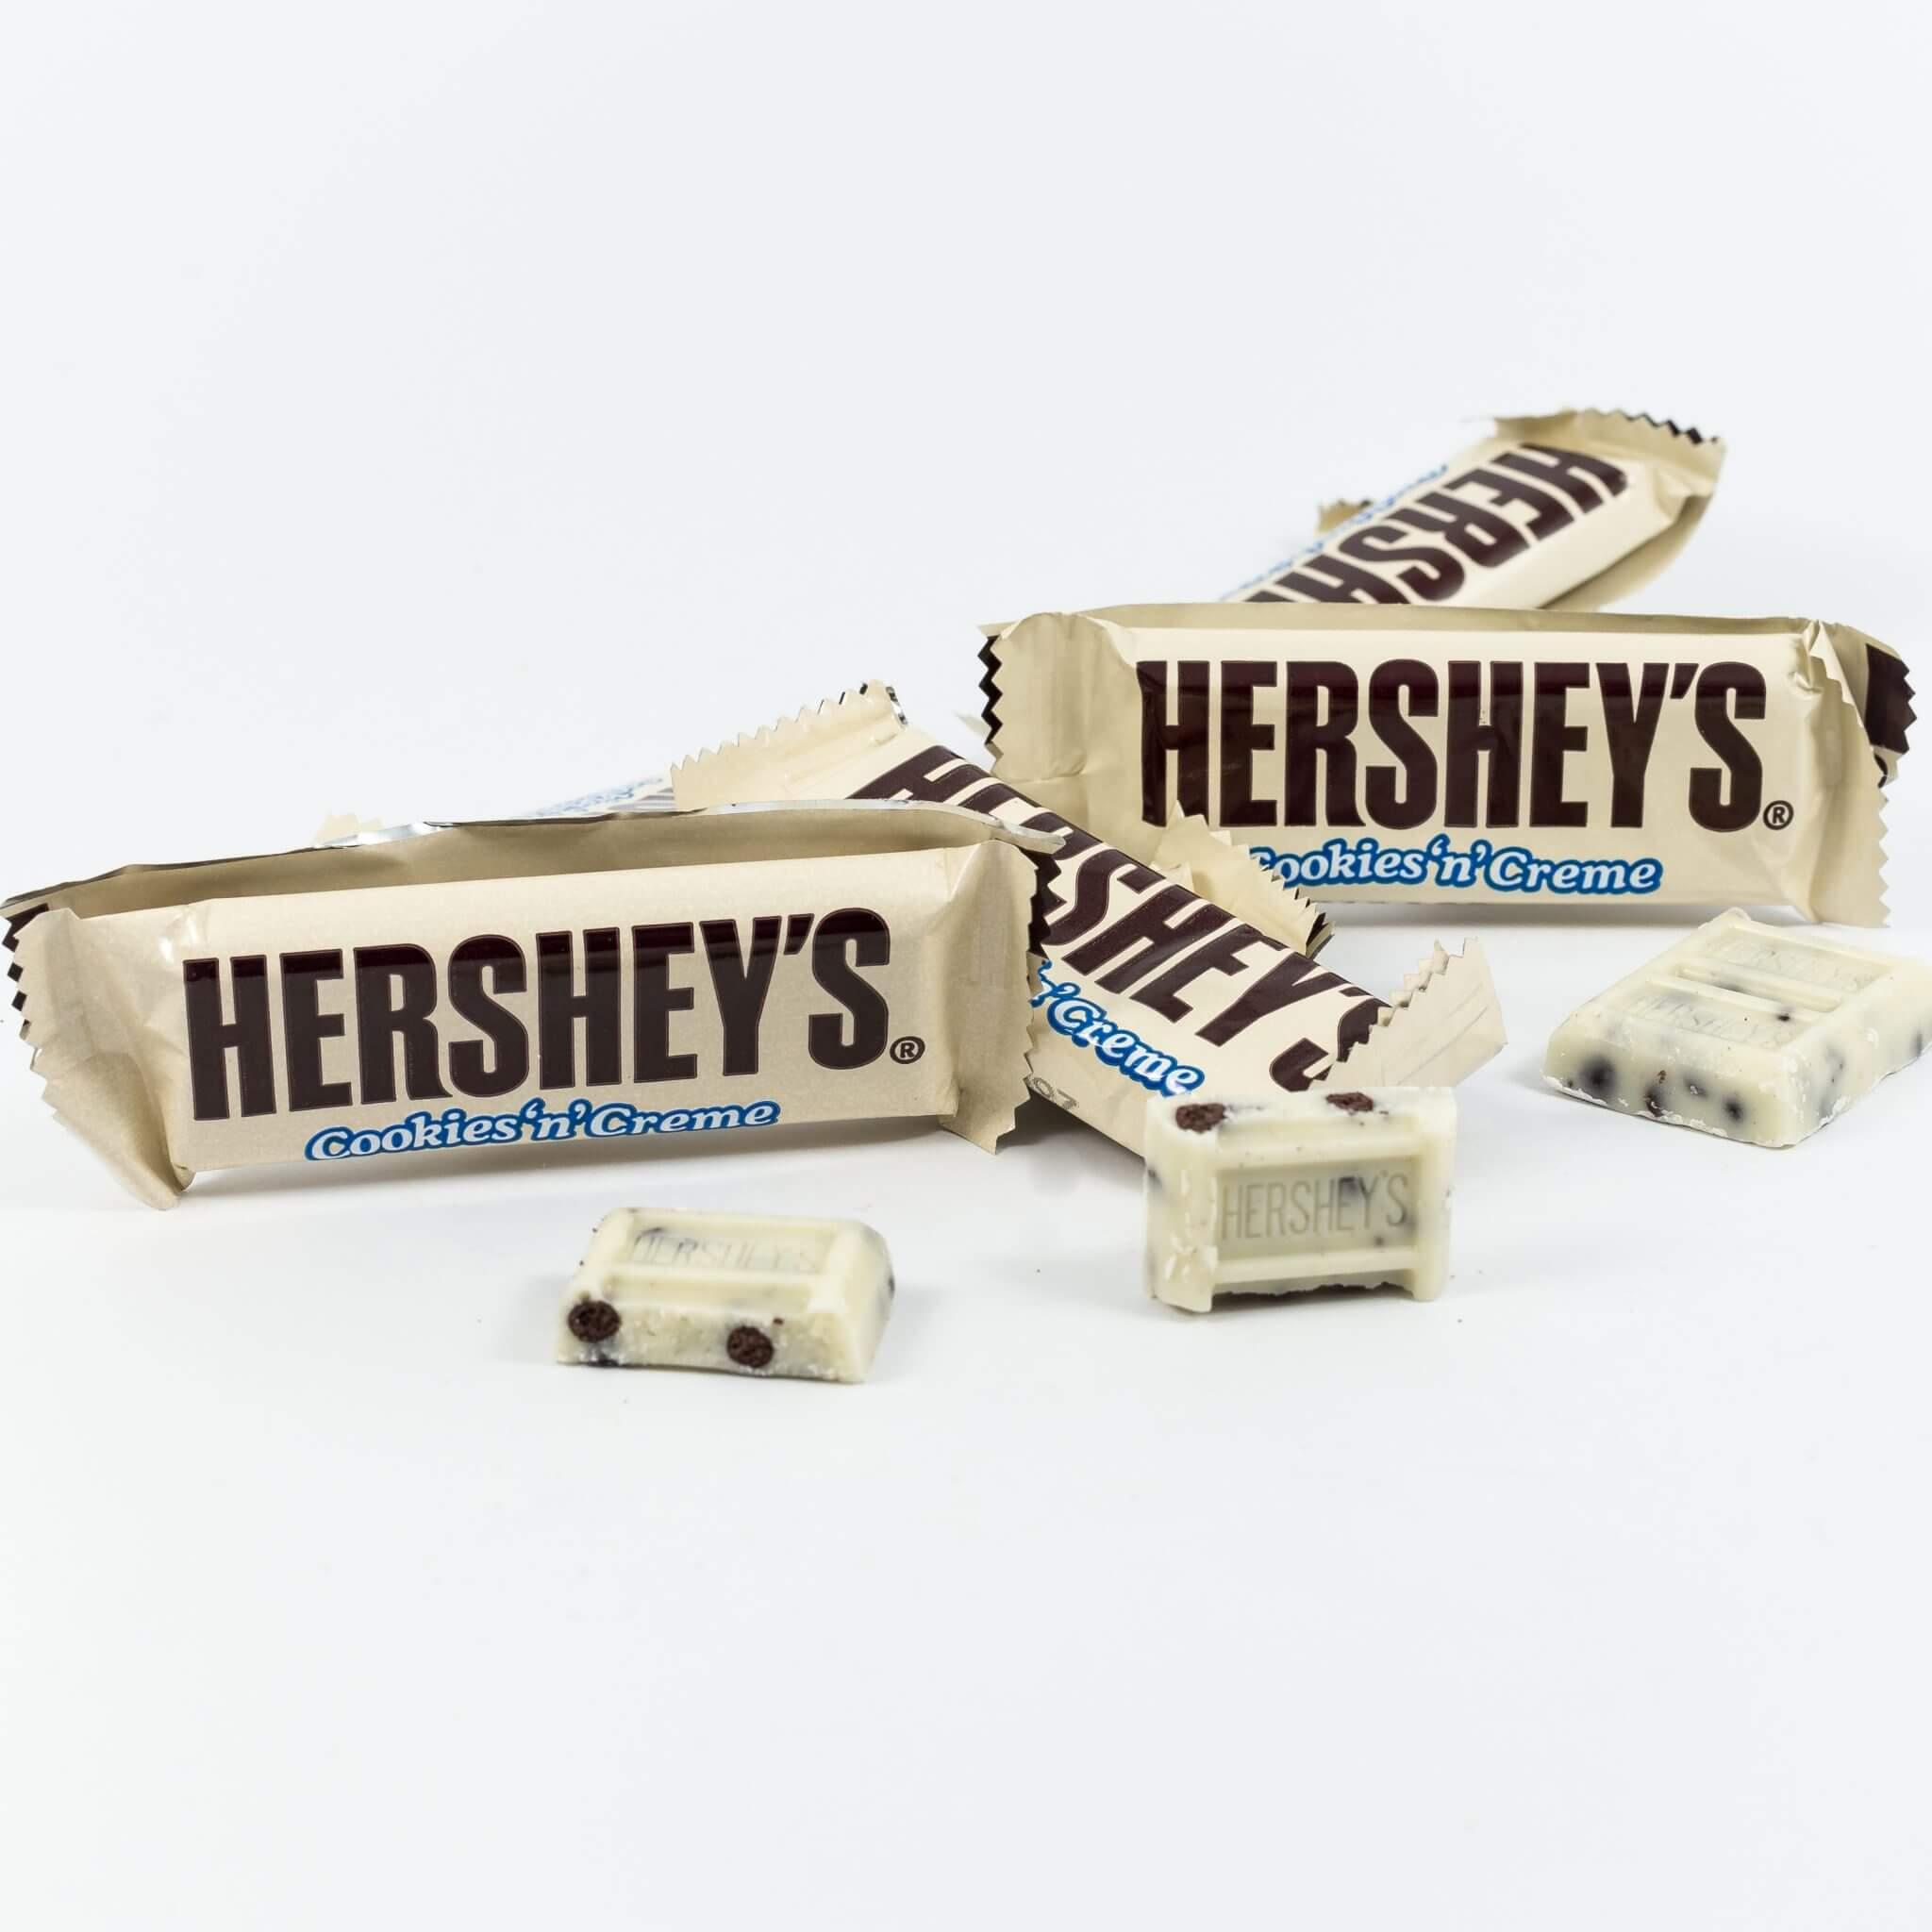 Fullsize Of Hershey Cookies And Cream